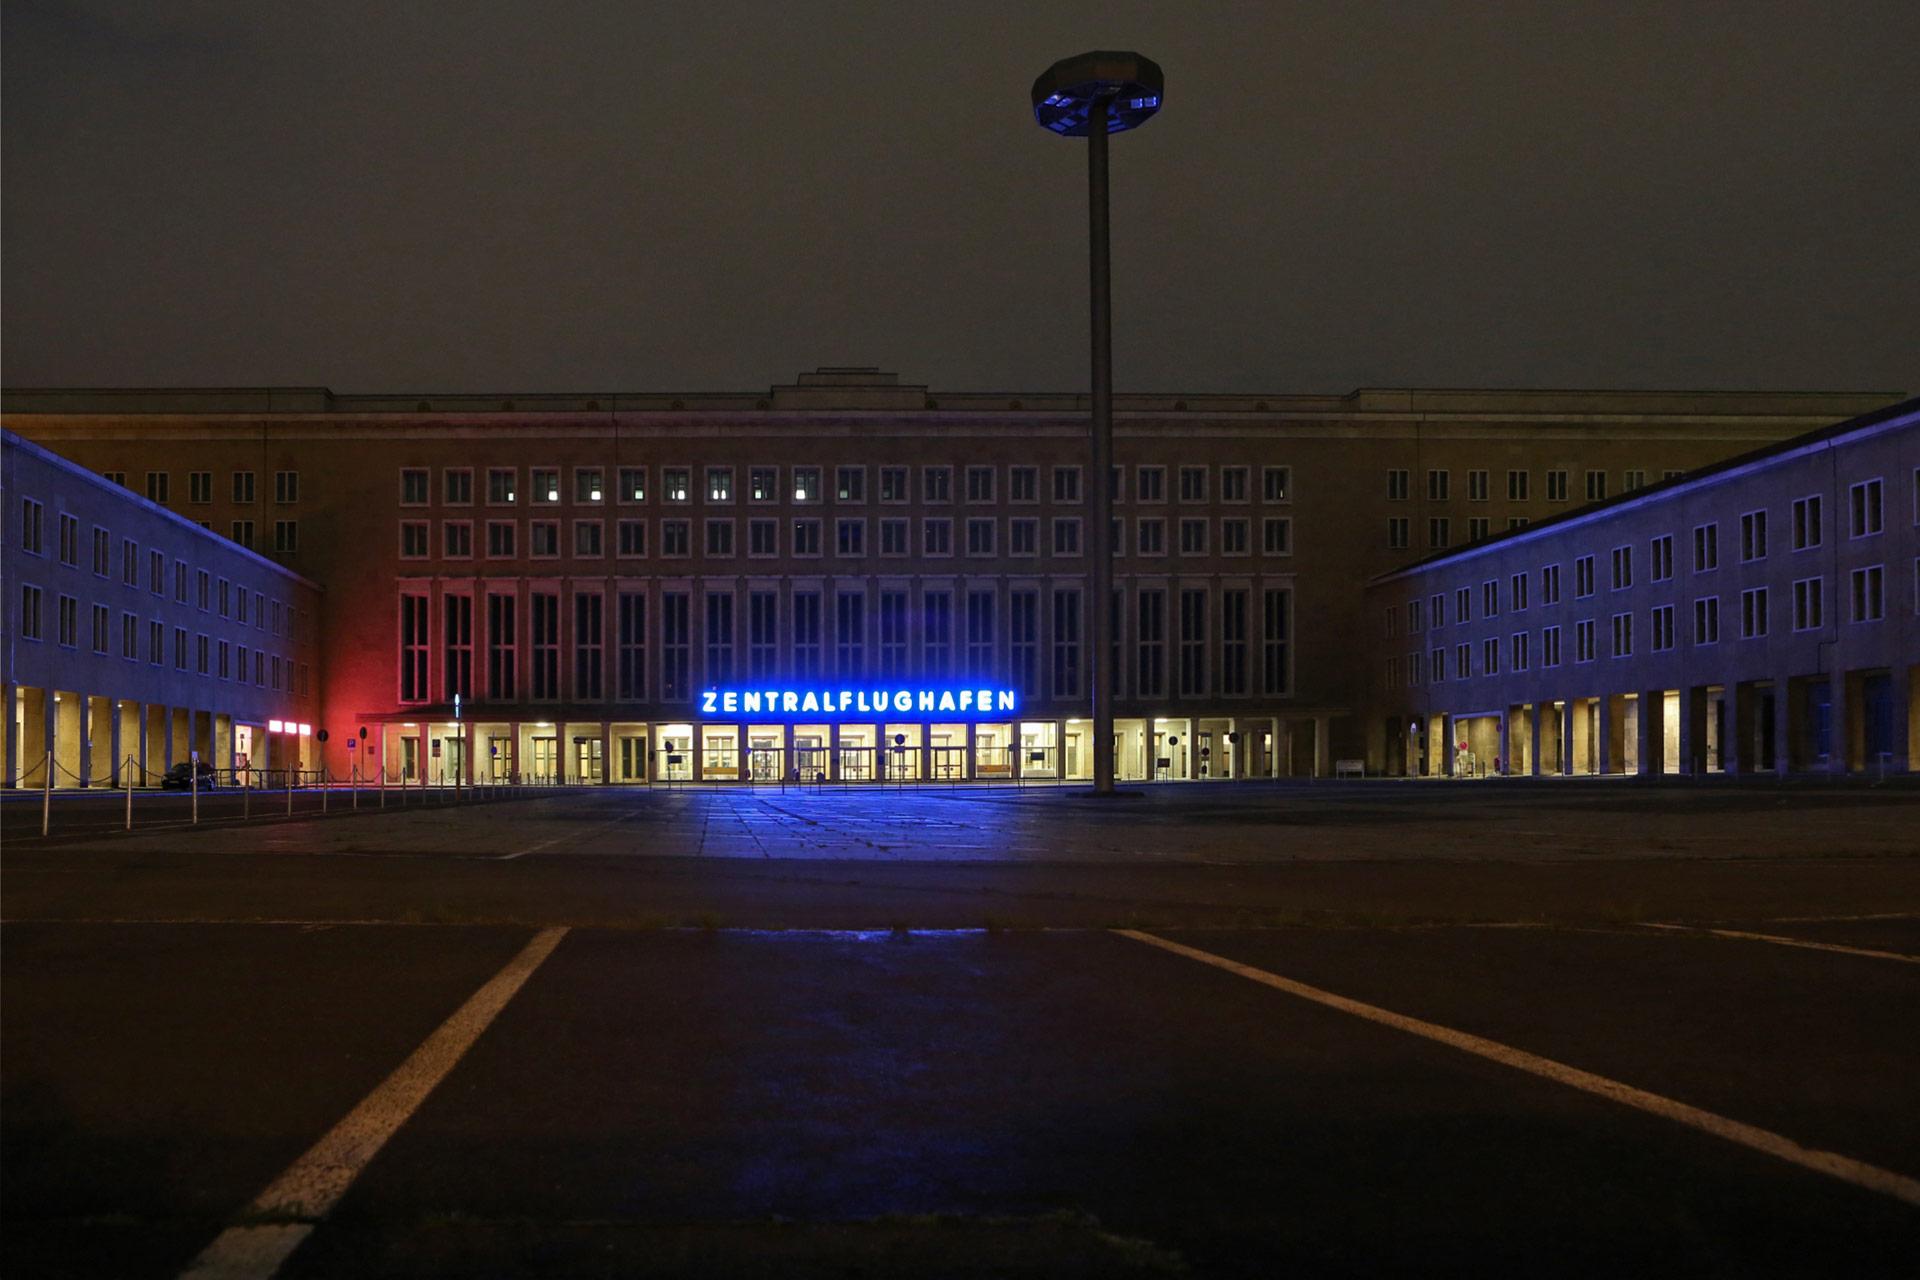 """Der 2004 vom britischen Architekten Lord Norman Foster als """"die Mutter aller Flughäfen"""" bezeichnete, 2008 stillgelegte Flughafen Tempelhof."""